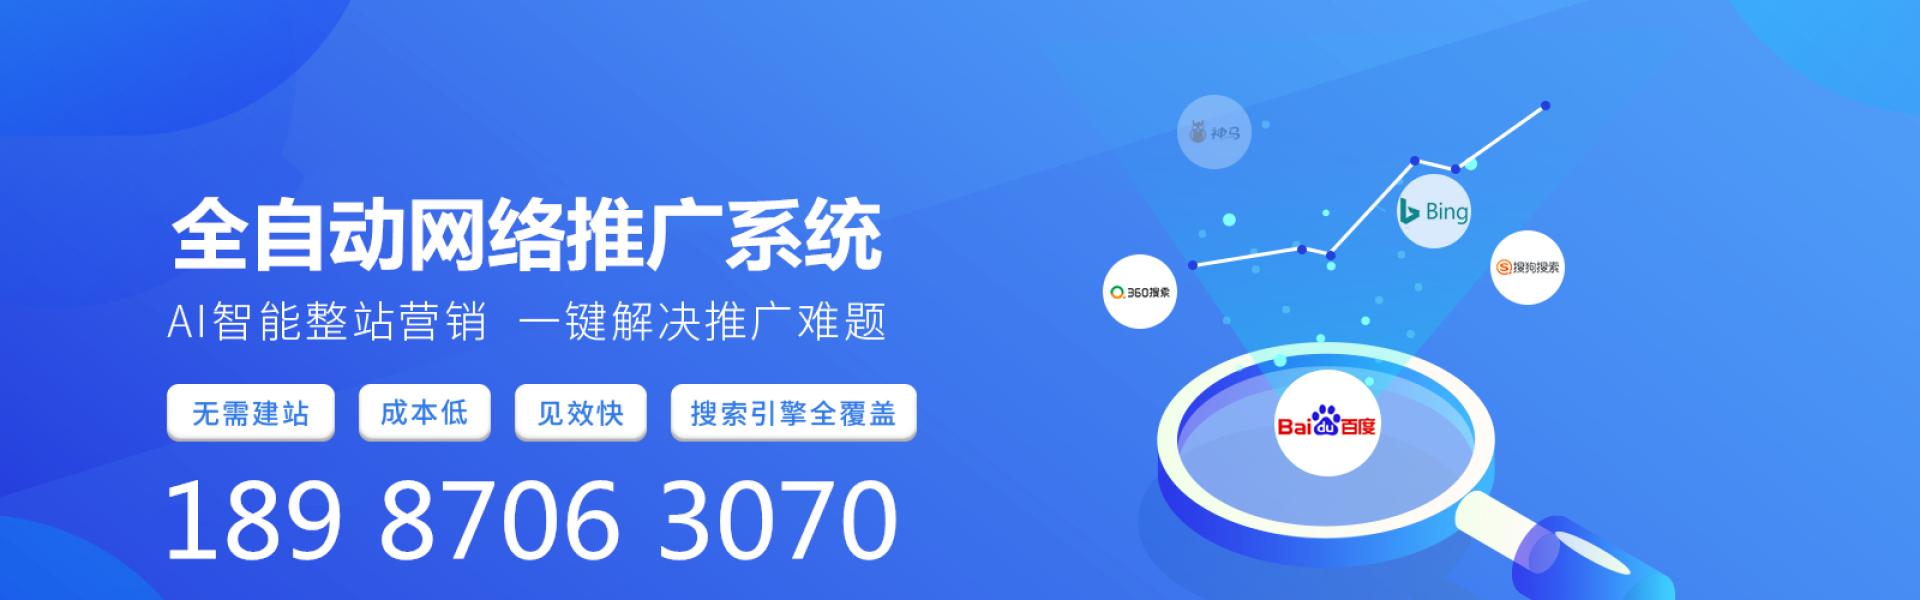 云南网络推广